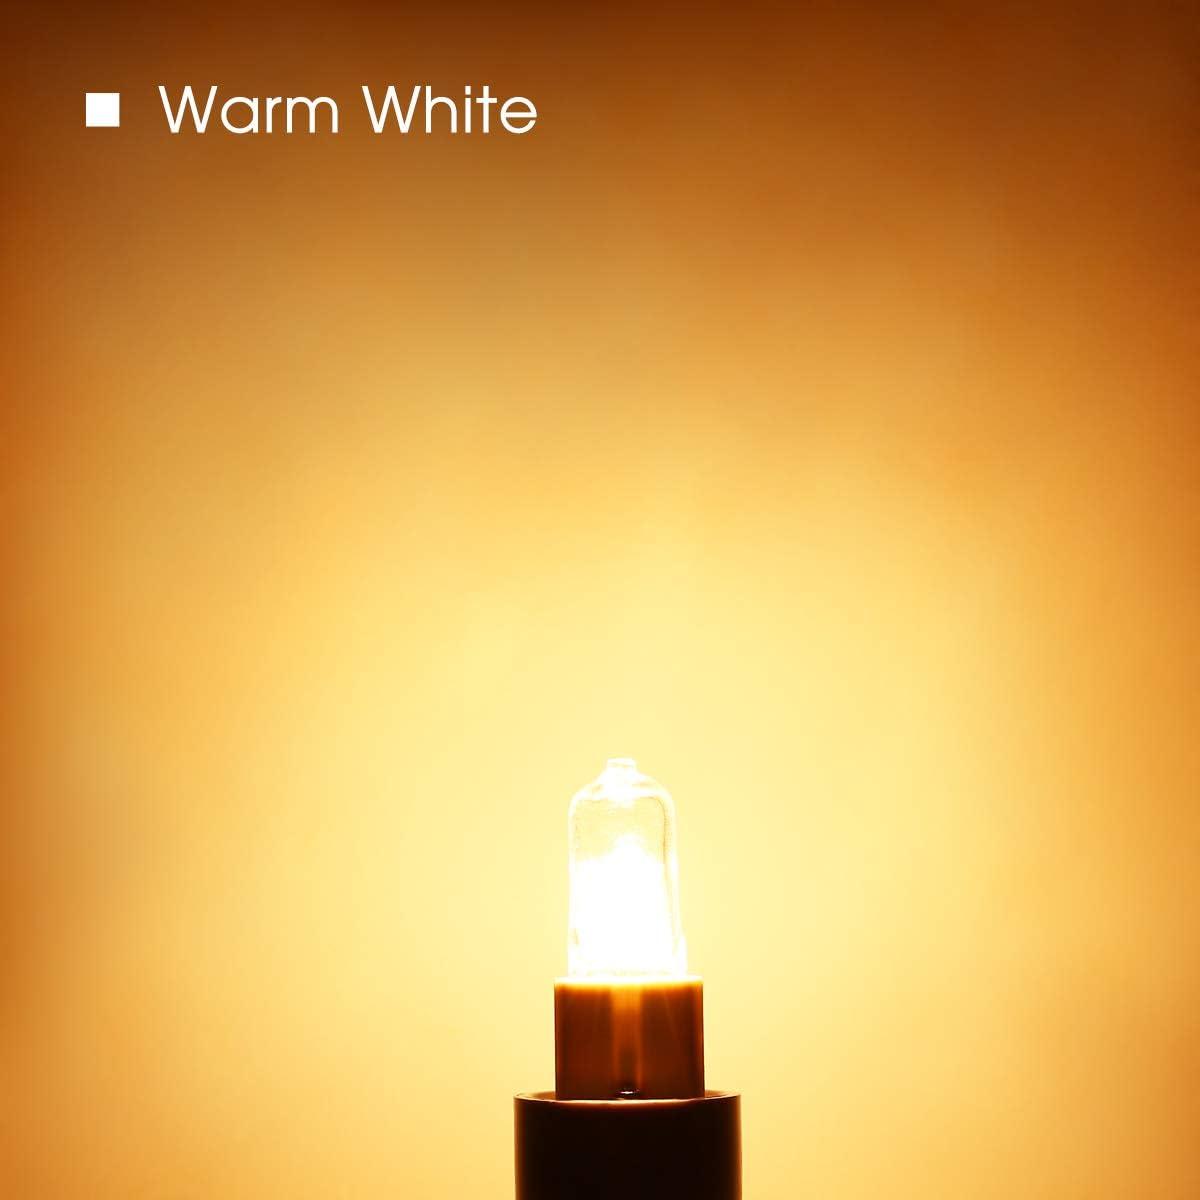 Angolo del Fascio 360/° Luce Bianco Caldo 3000K Parete Lampadine G9 Gallerie 10 Pezzi Fulighture Lampadina Alogena Comodino 25W Lampadine Dimmerabili per Lampadario